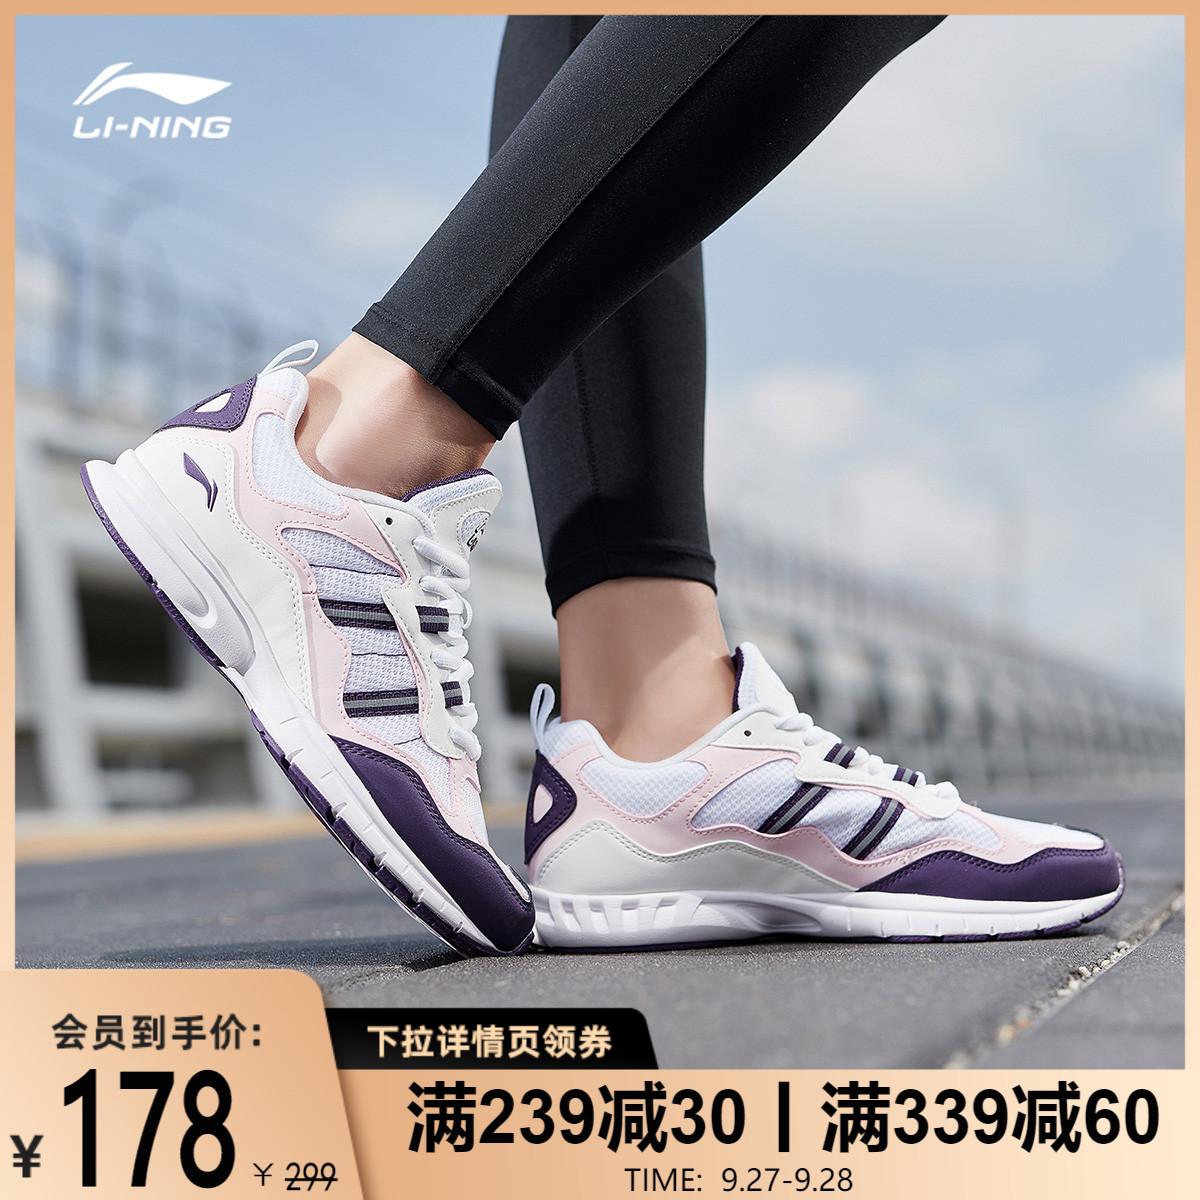 李宁跑步鞋女鞋新款官方正品减震透气轻便夏季减震软底运动鞋女